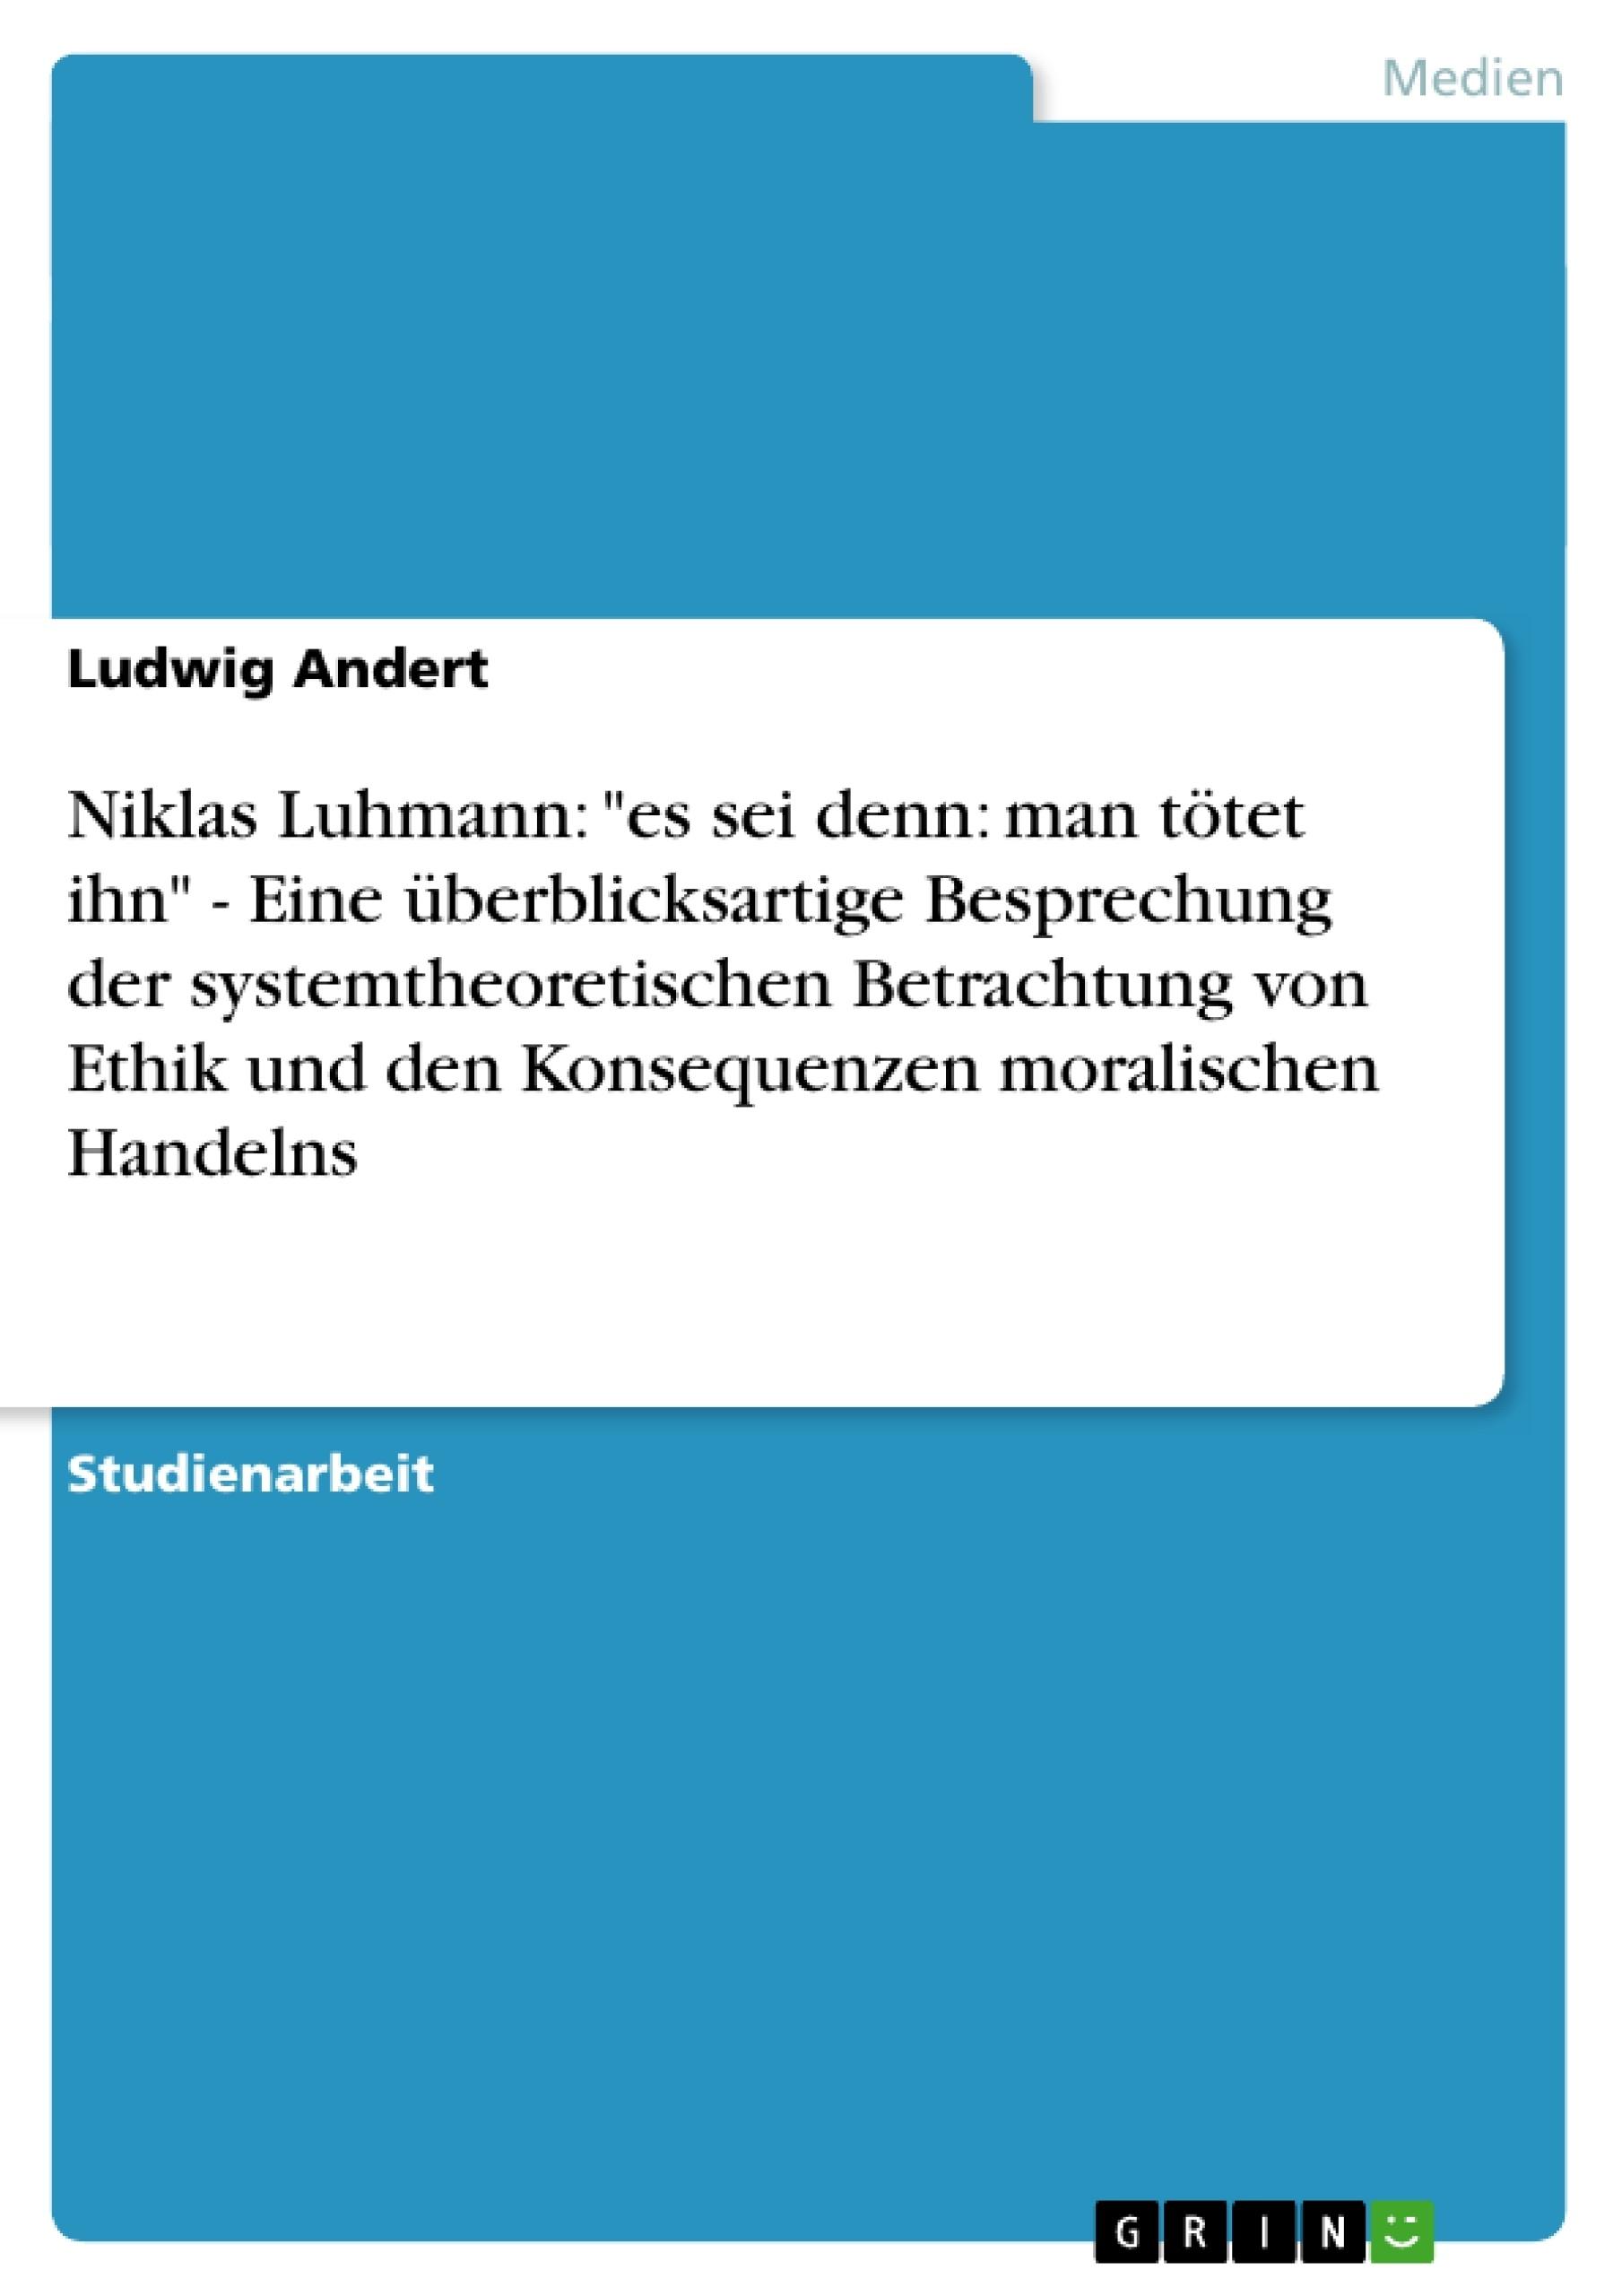 """Titel: Niklas Luhmann: """"es sei denn: man tötet ihn"""" - Eine überblicksartige Besprechung der systemtheoretischen Betrachtung von Ethik und den Konsequenzen moralischen Handelns"""